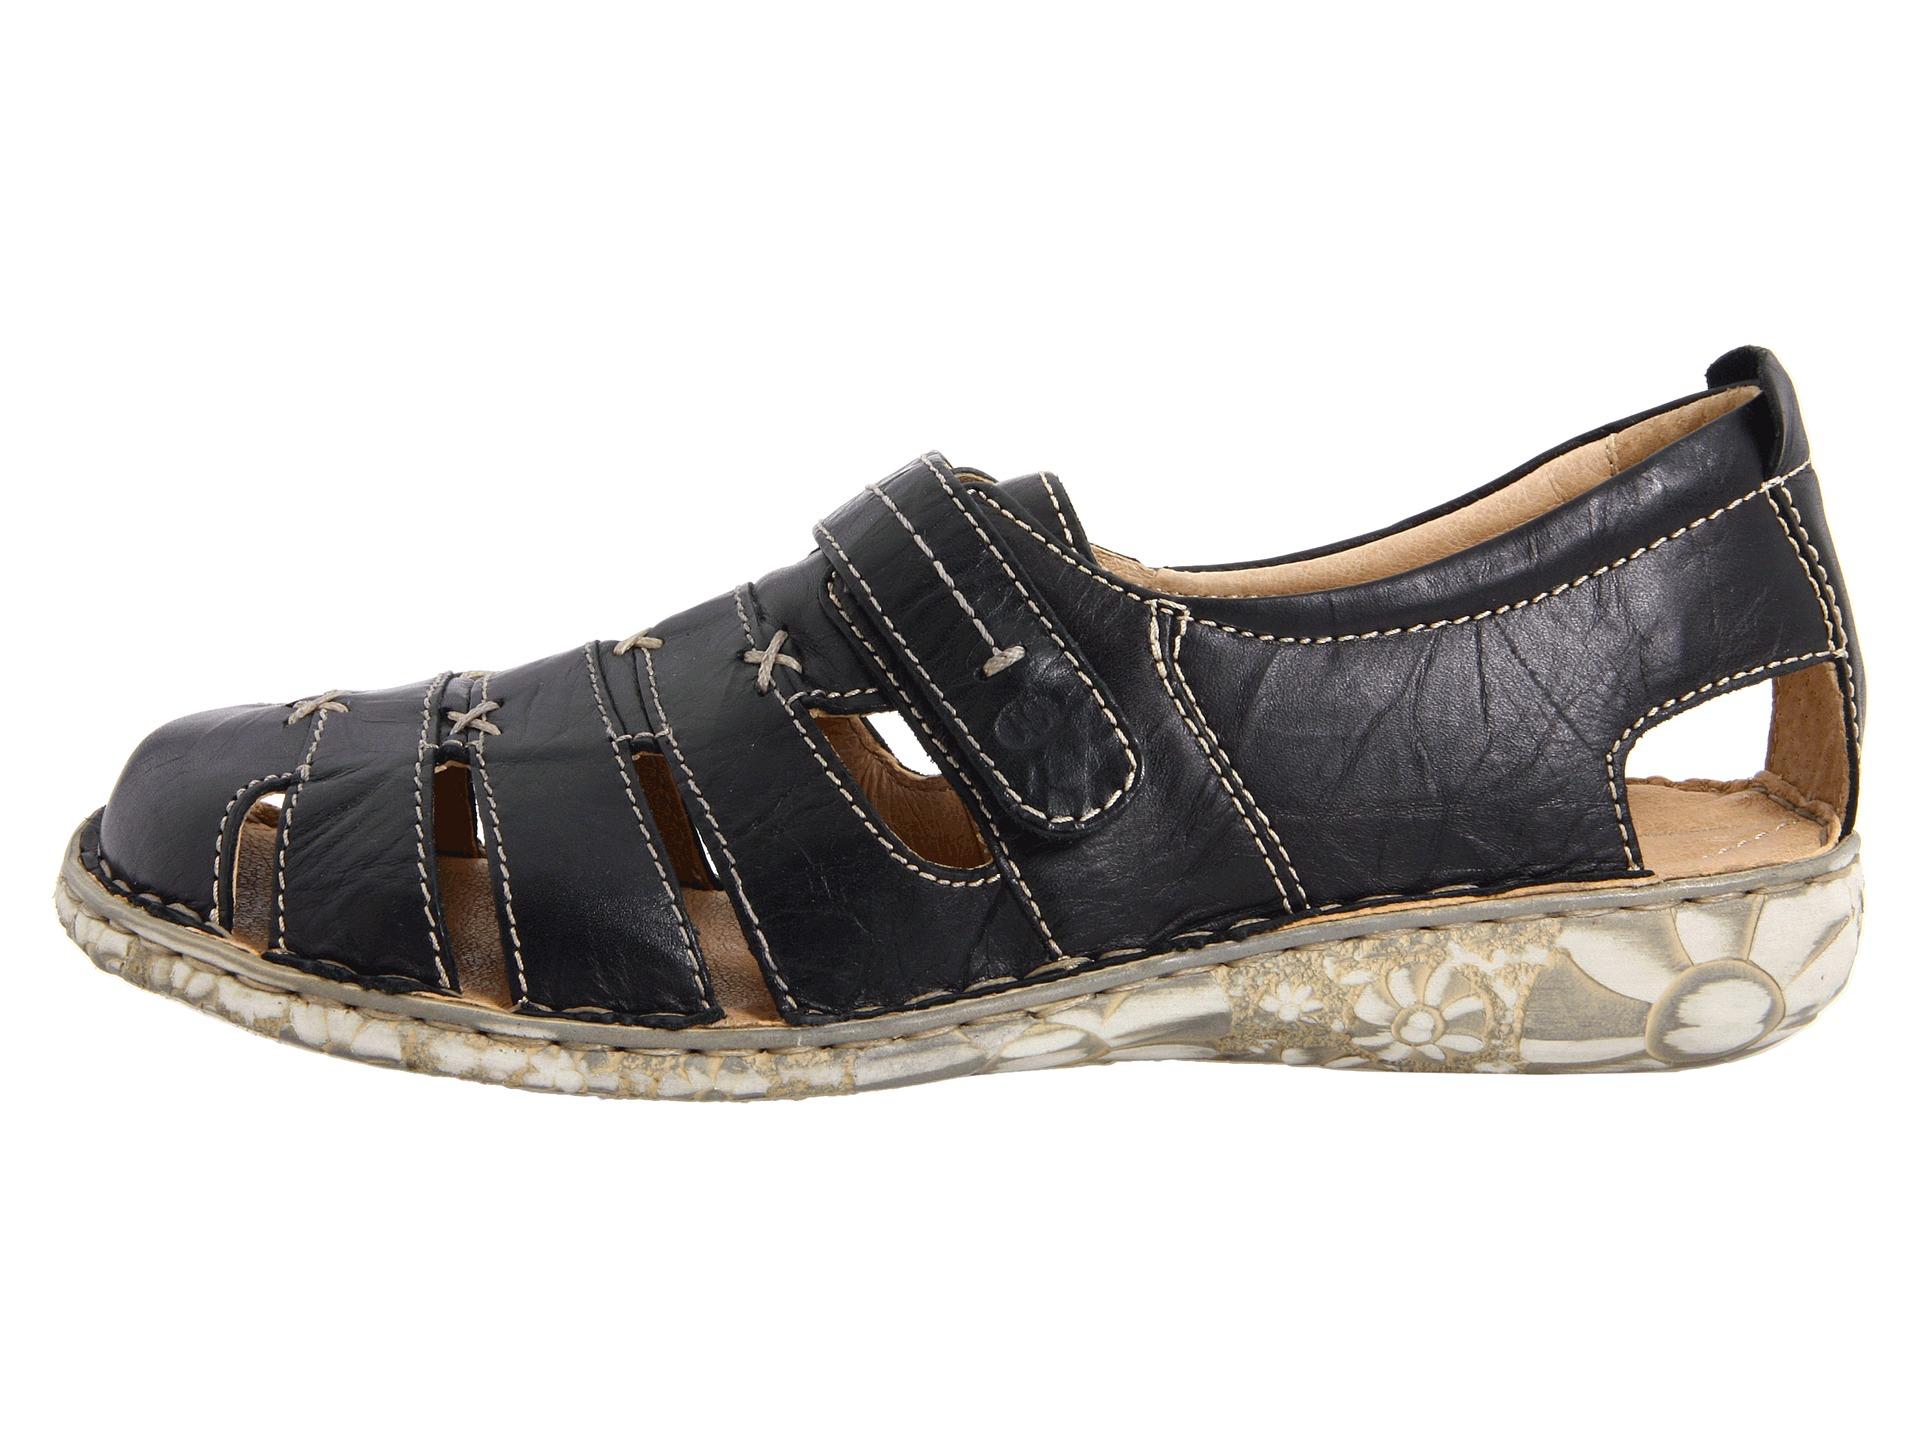 Women's sandals that hide bunions - Women's Sandals That Hide Bunions 46